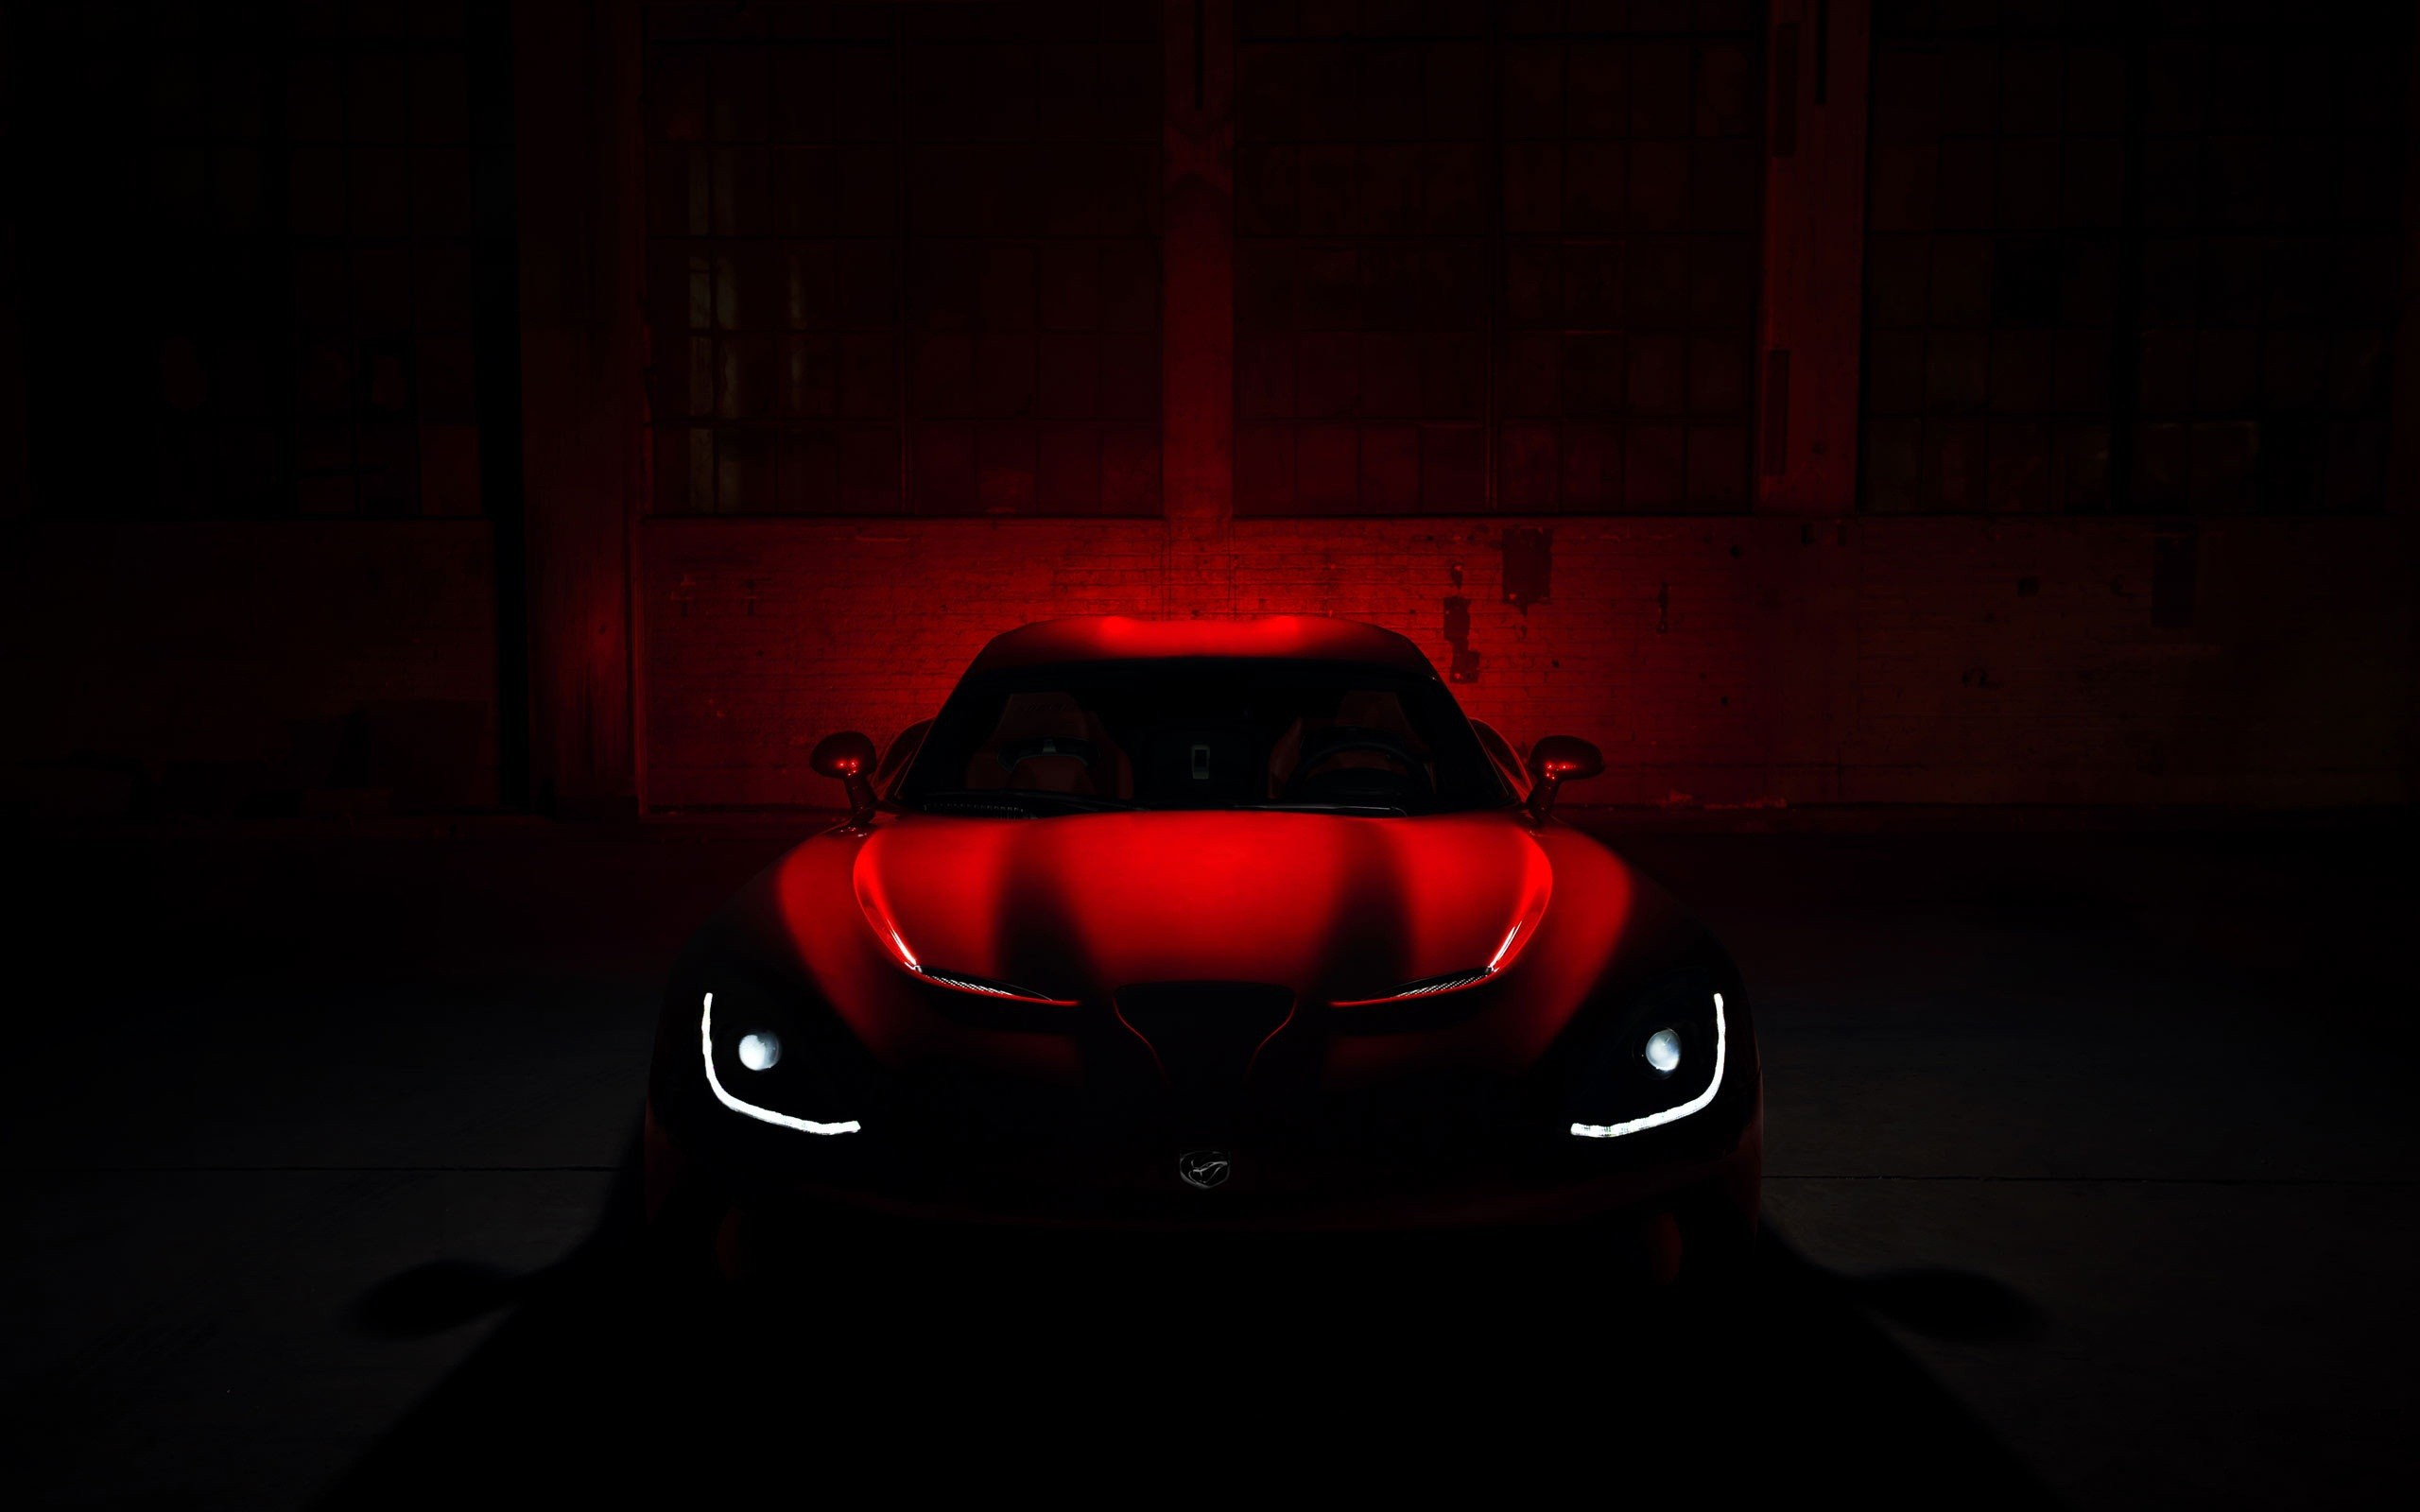 Как фотографировать автомобили в темноте с использованием фонаря